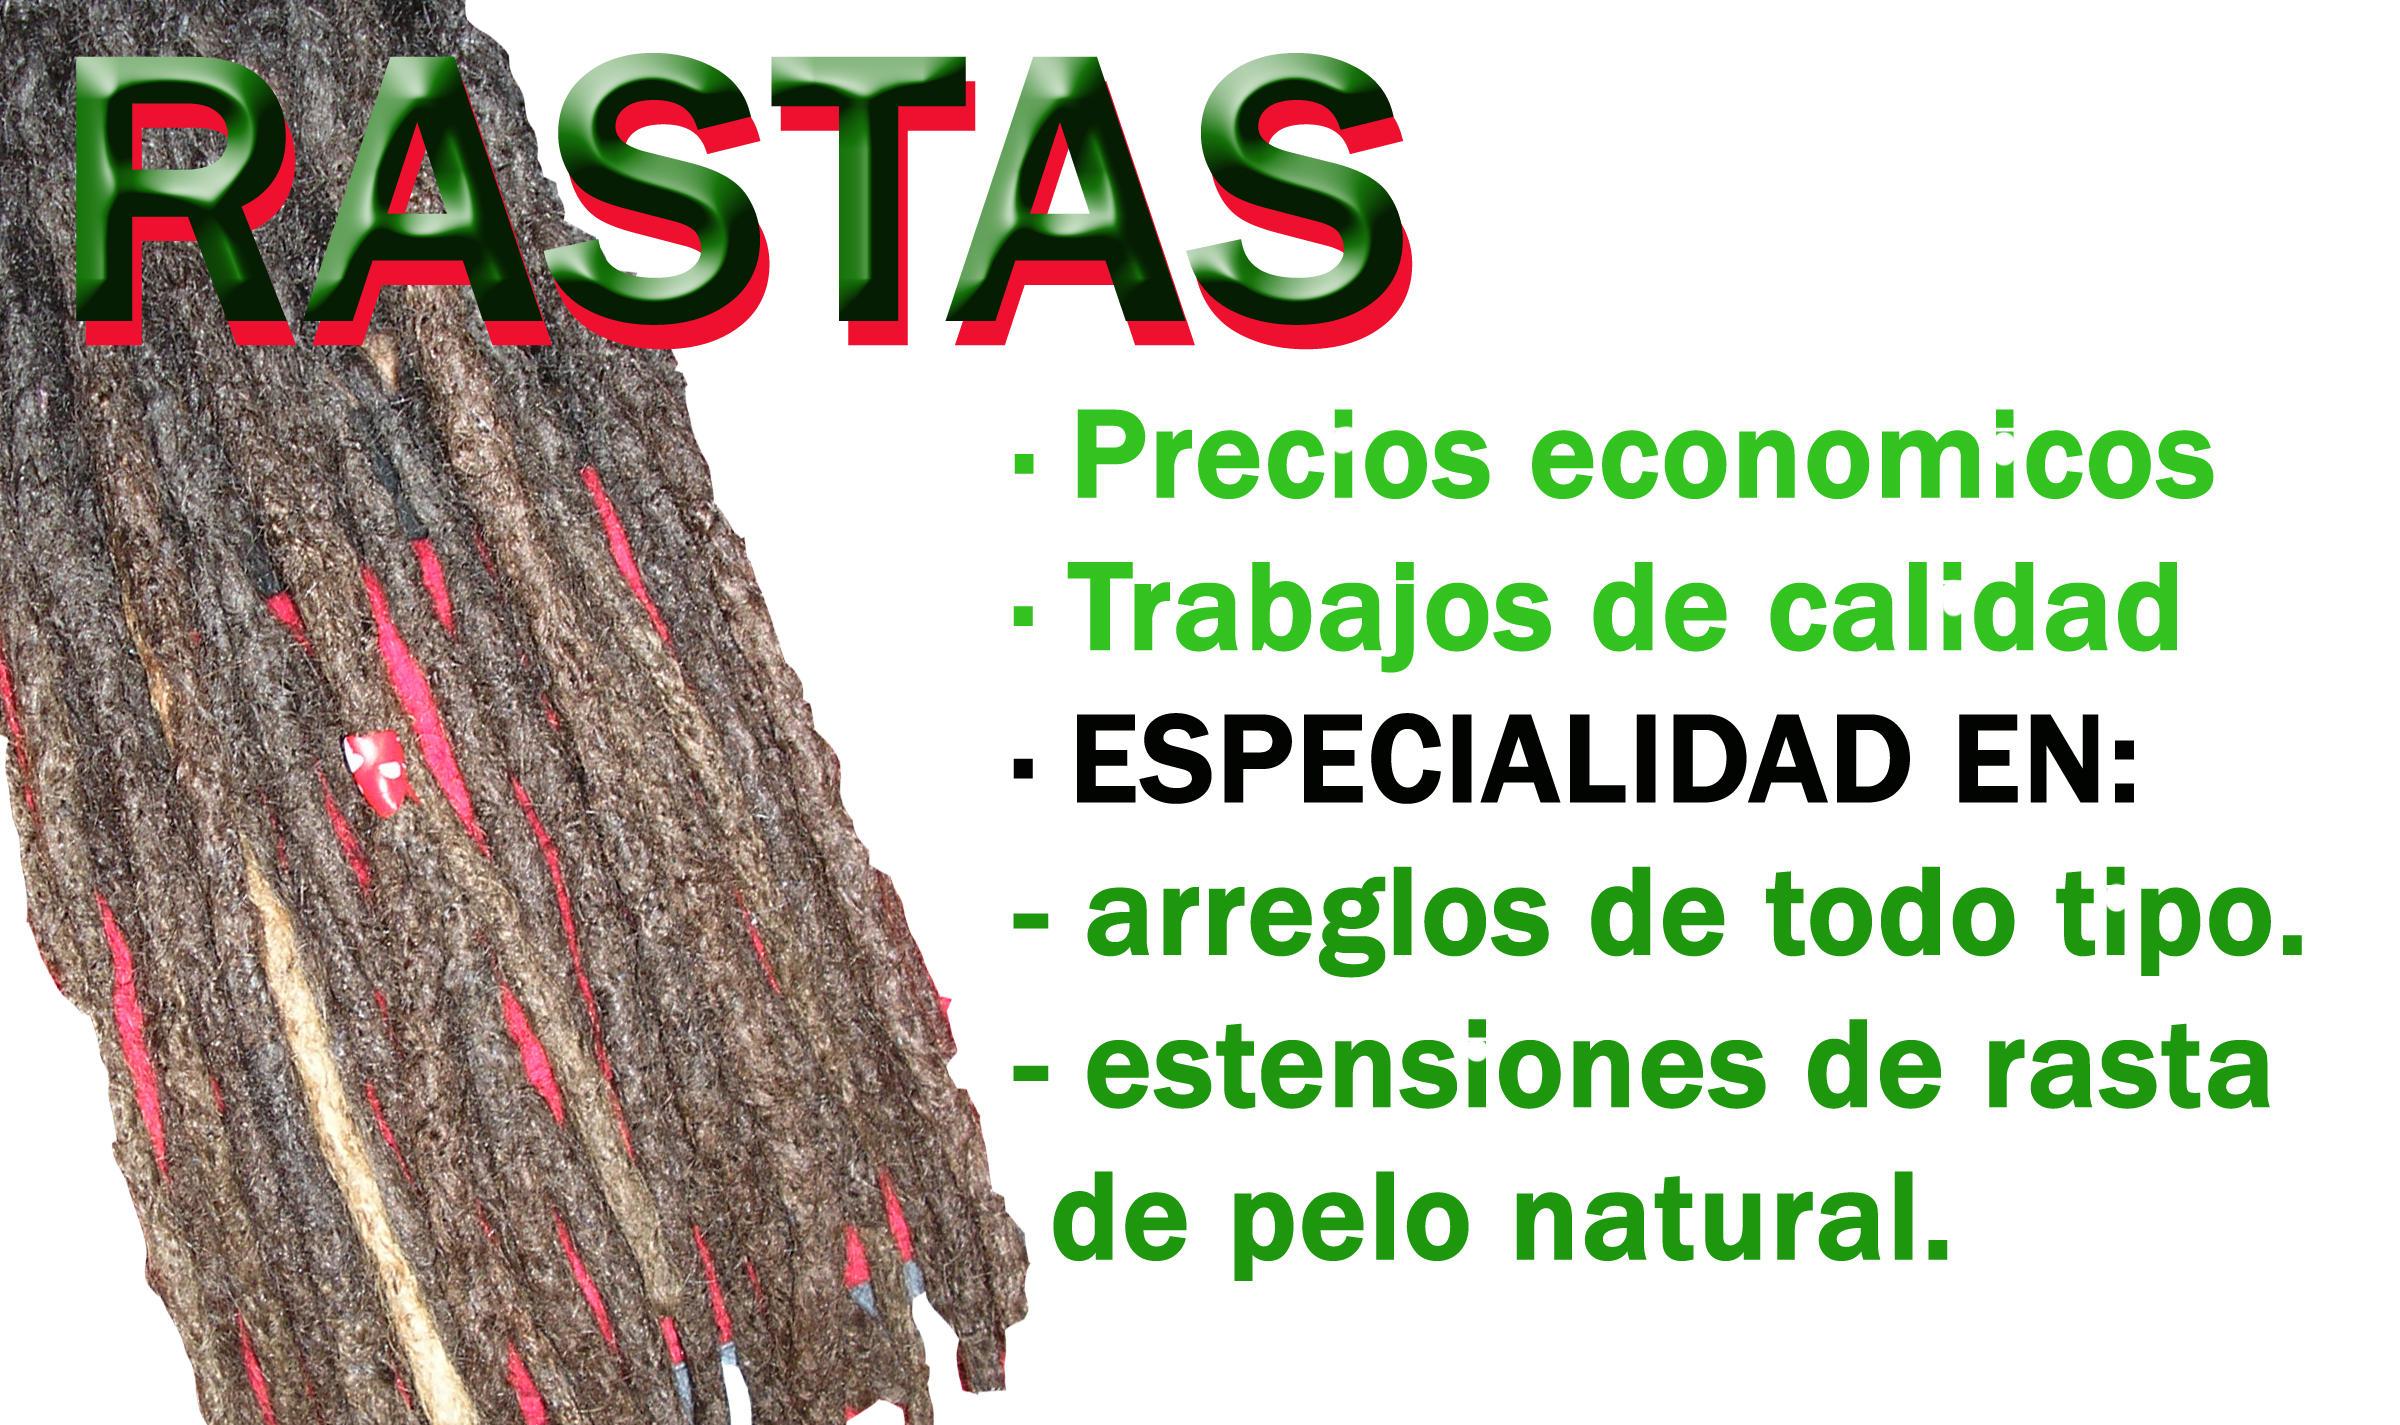 delanterastas by LiqUidOscUro